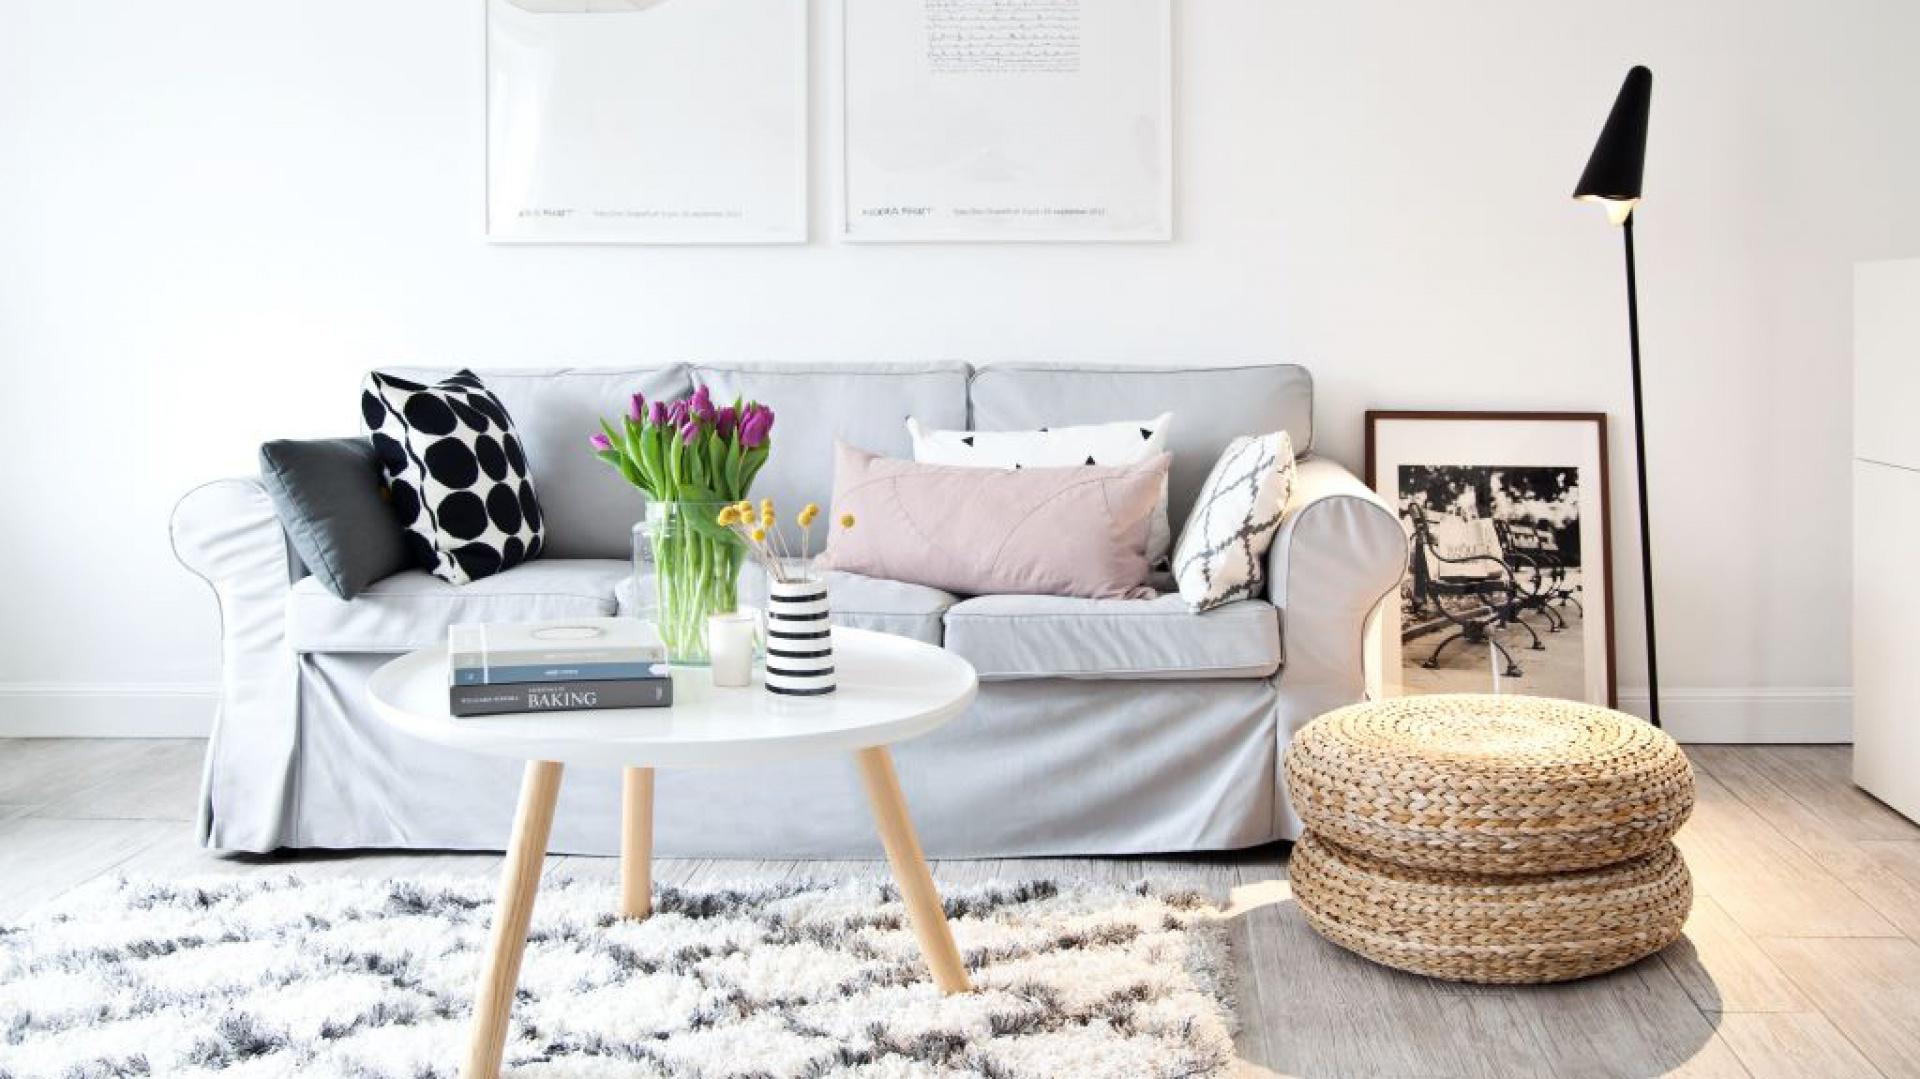 Białe ściany, jasne meble oraz wyraziste dodatki w postaci czarnej lampy podłogowej i fotografii w czarnej ramce budują w tym salonie klimat rodem ze Skandynawii. Fot. Westwing